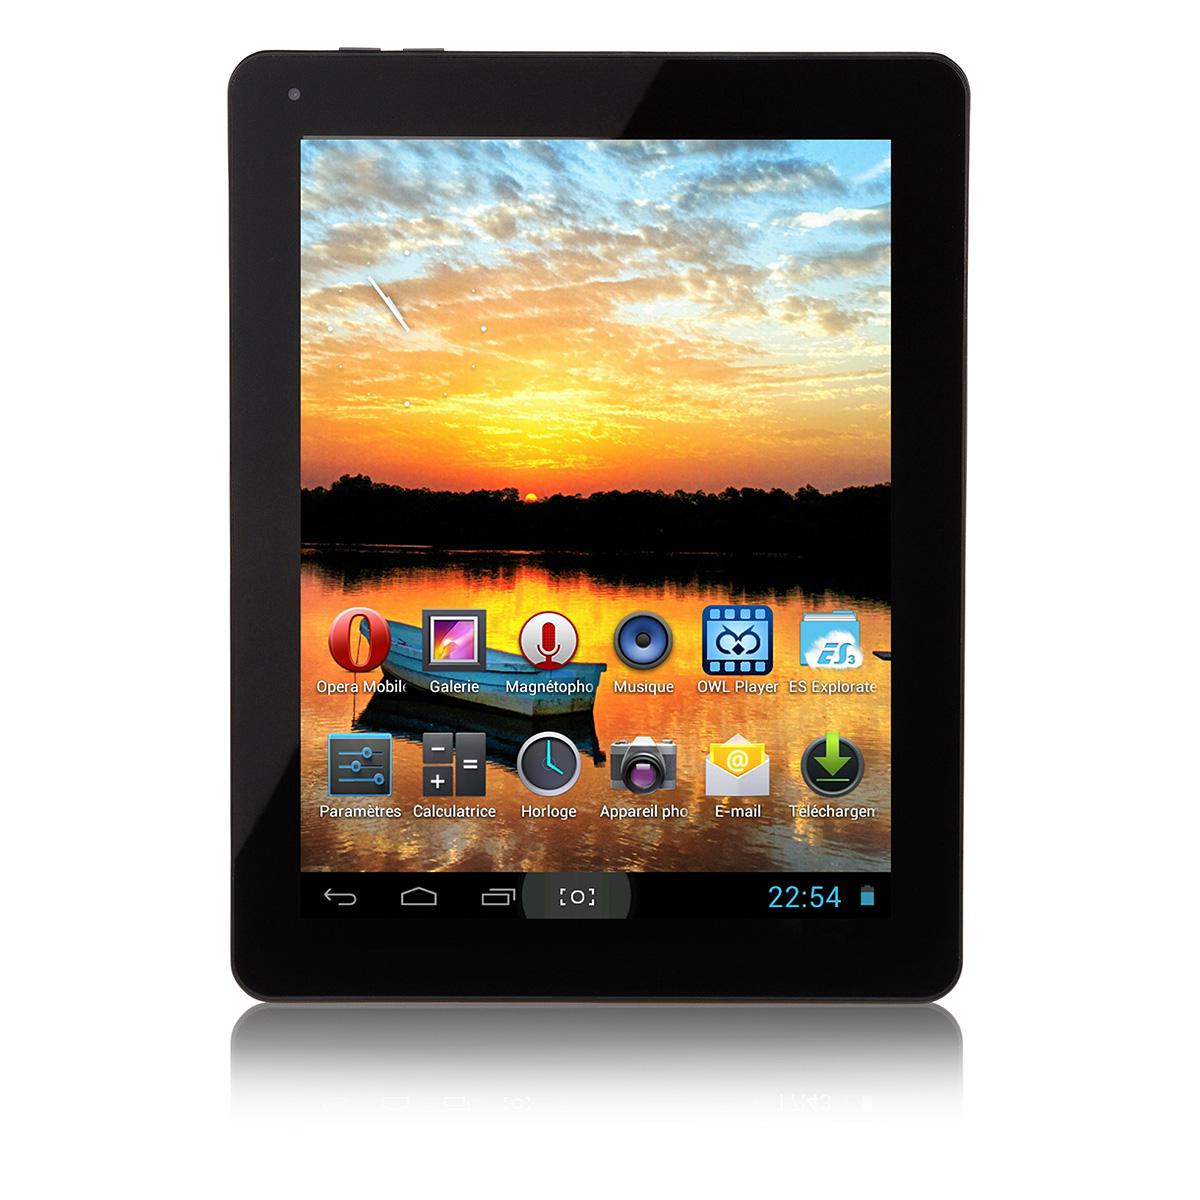 Mpman Mpqc974 8 Go Alu Tablette Tactile Mp Man Sur Ldlc Com